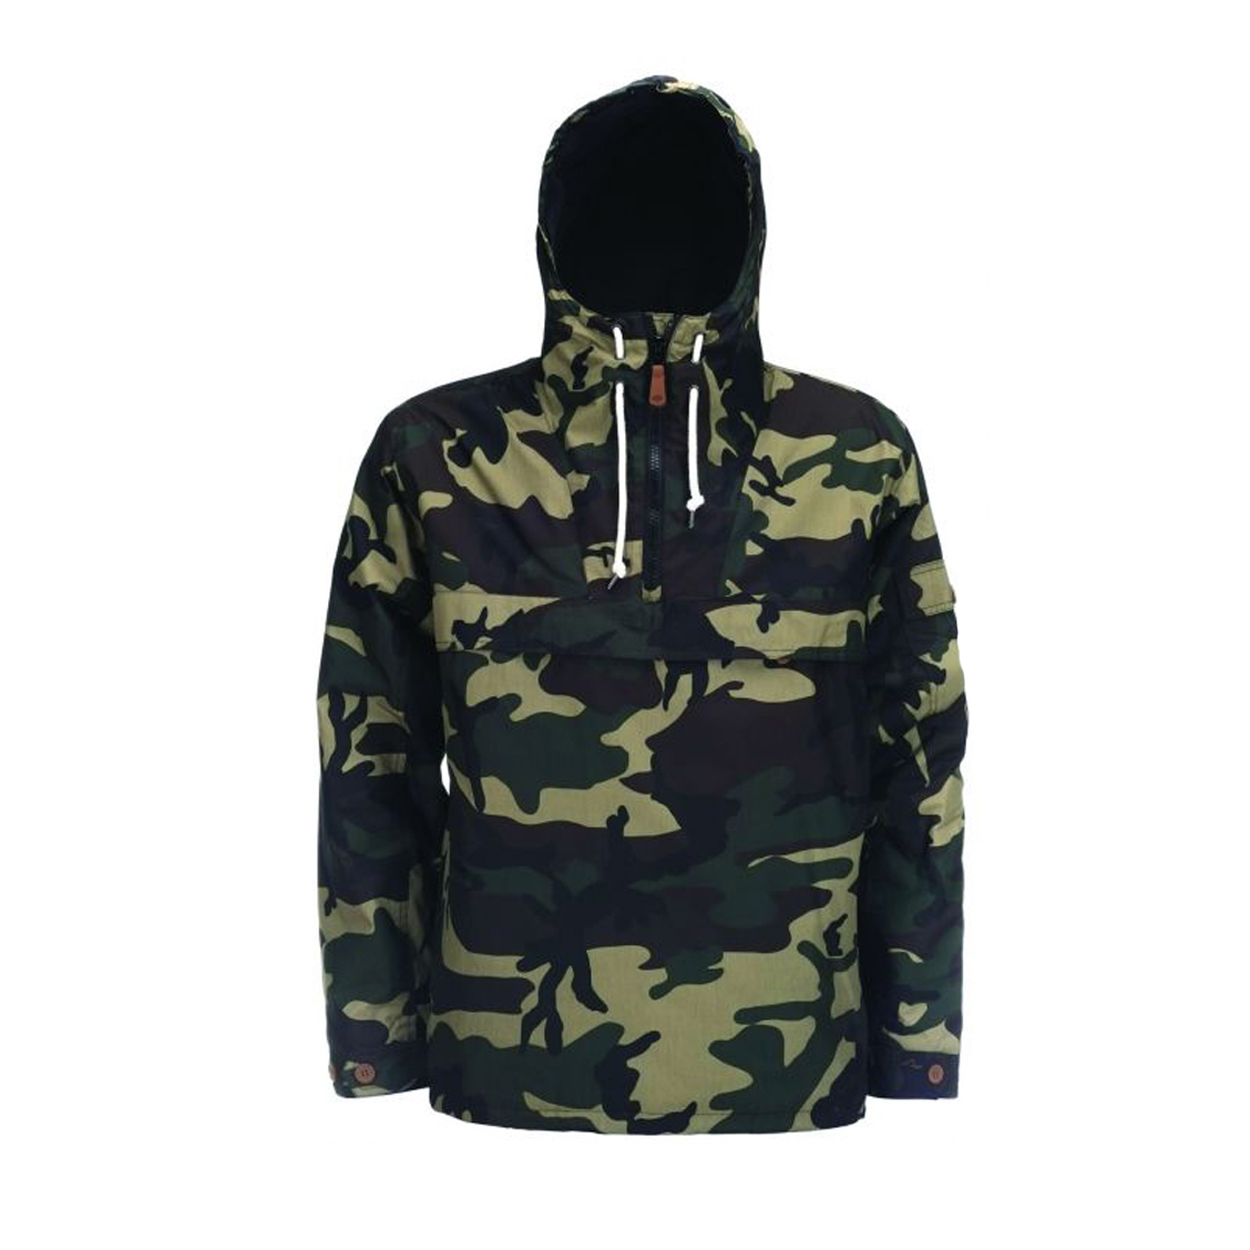 Veste à capuche Milford Dickies à motif camouflage vert et kaki